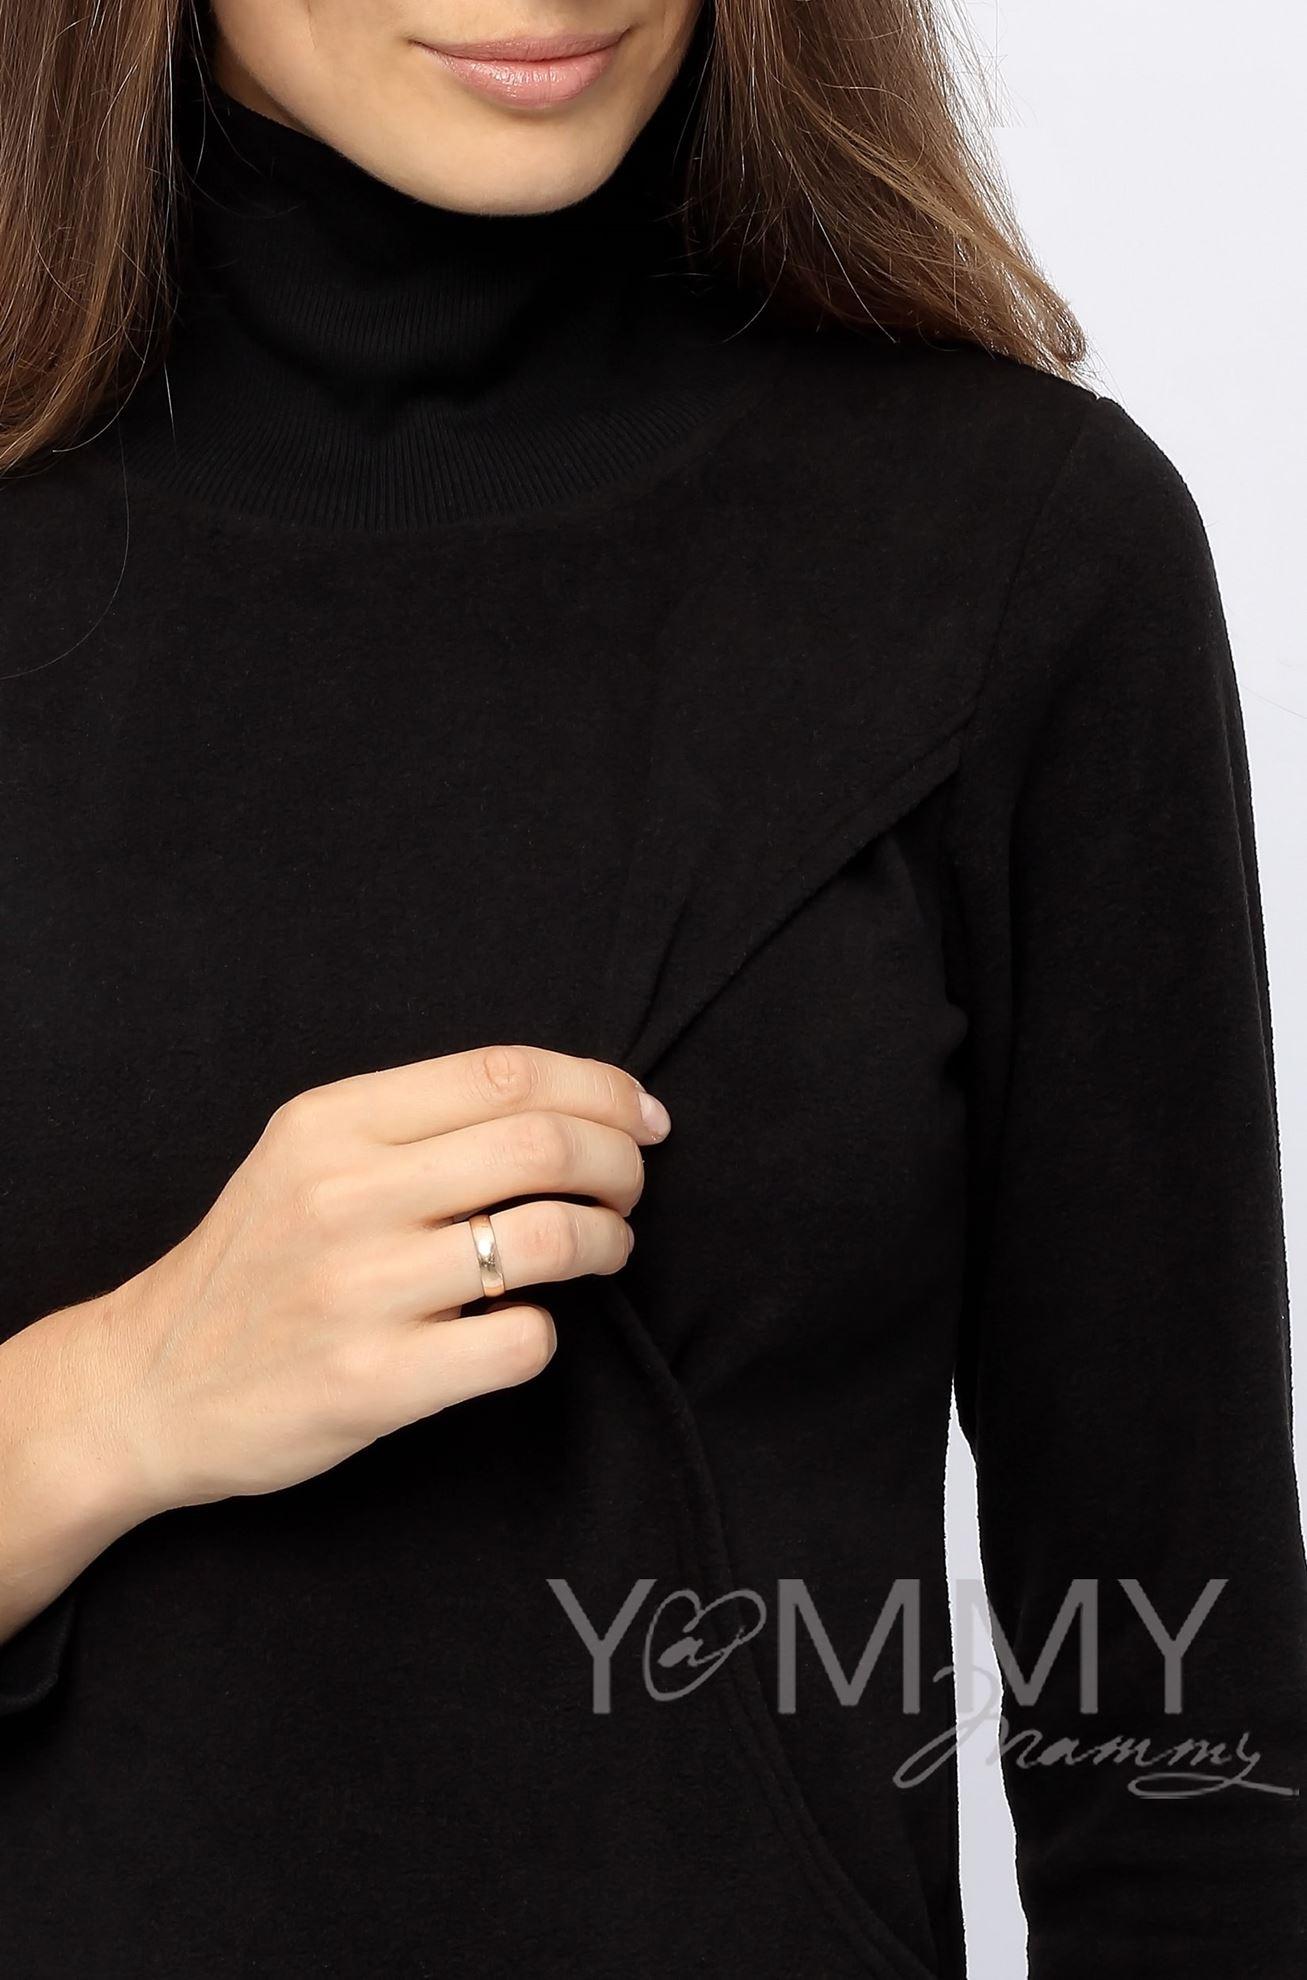 Изображение                               Джемпер флисовый с высоким горлом черный